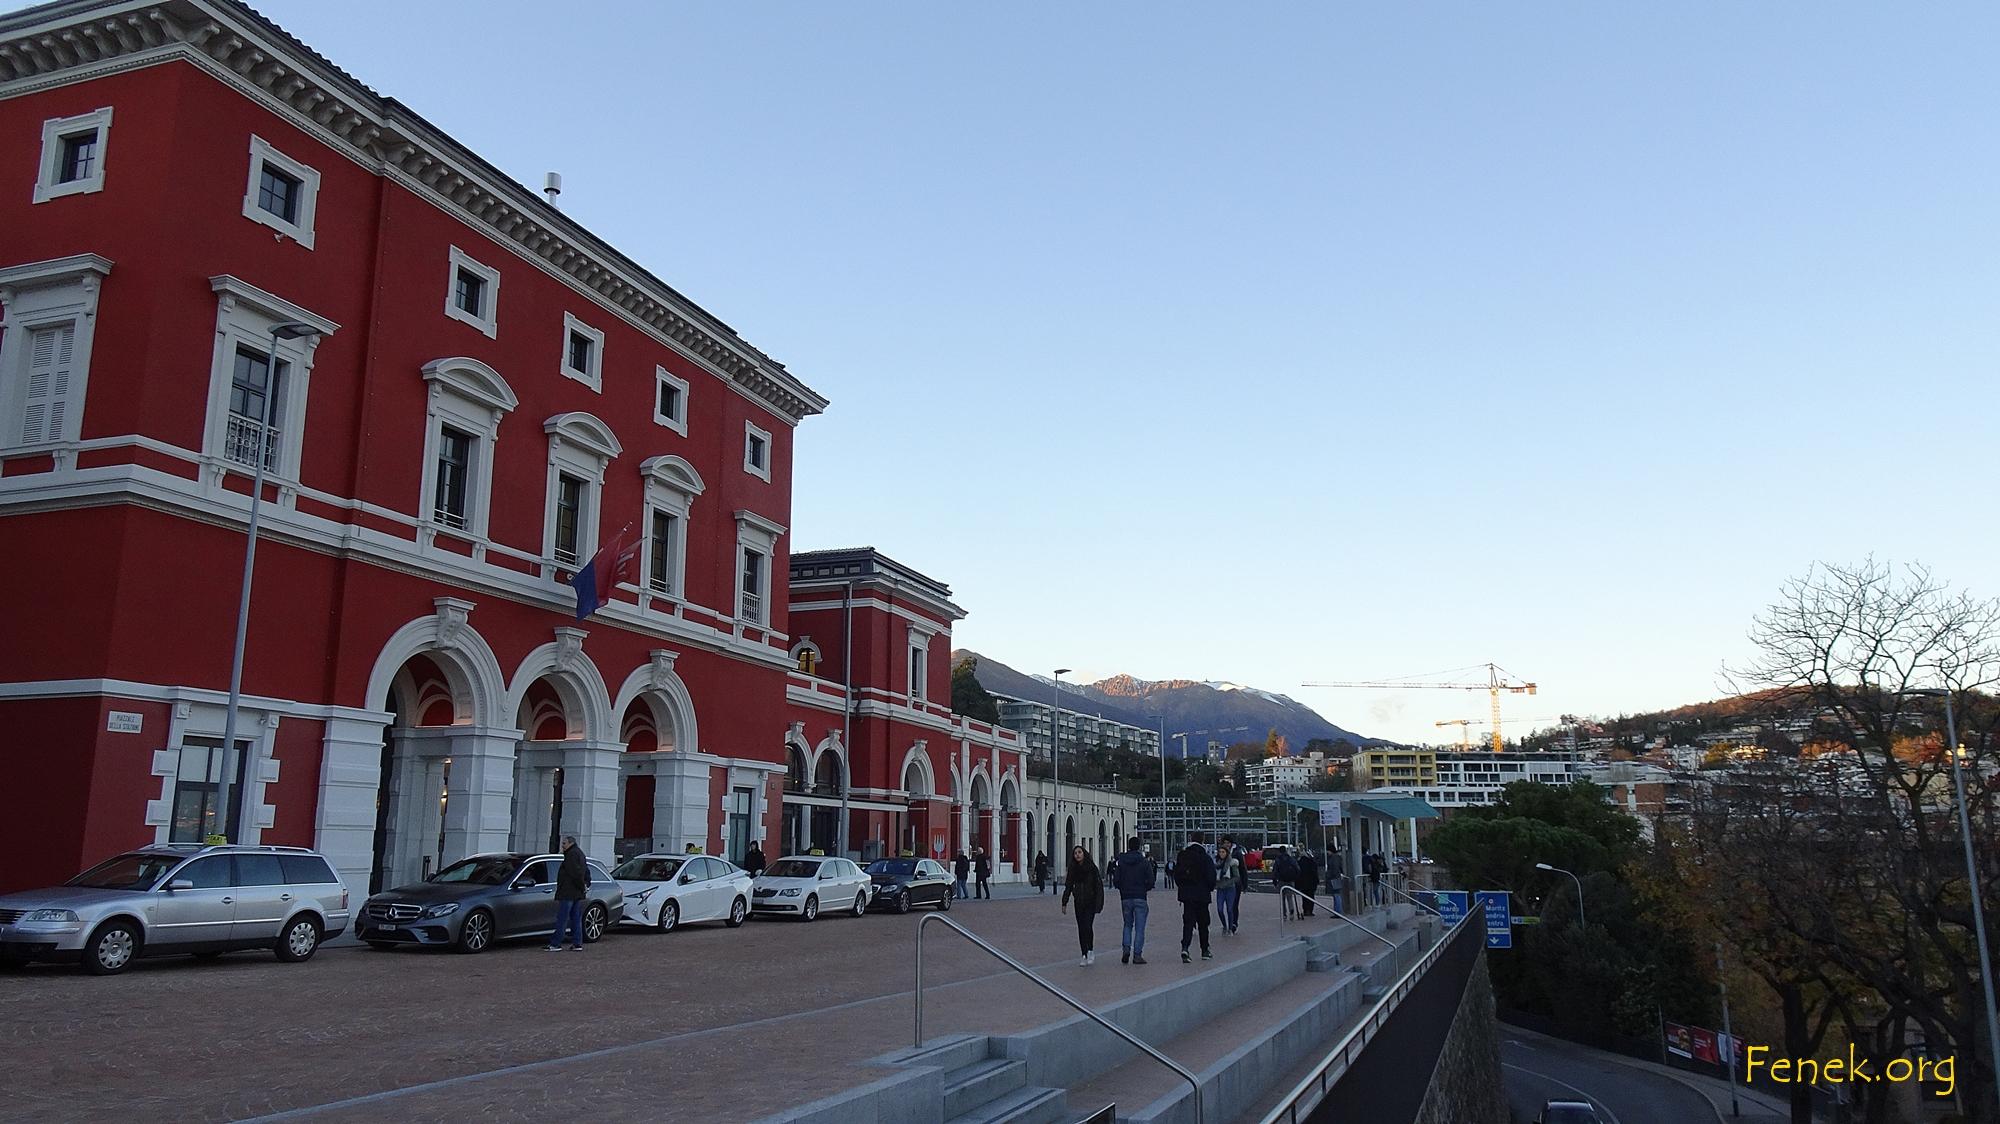 Bahnhofsgebäude von Lugano